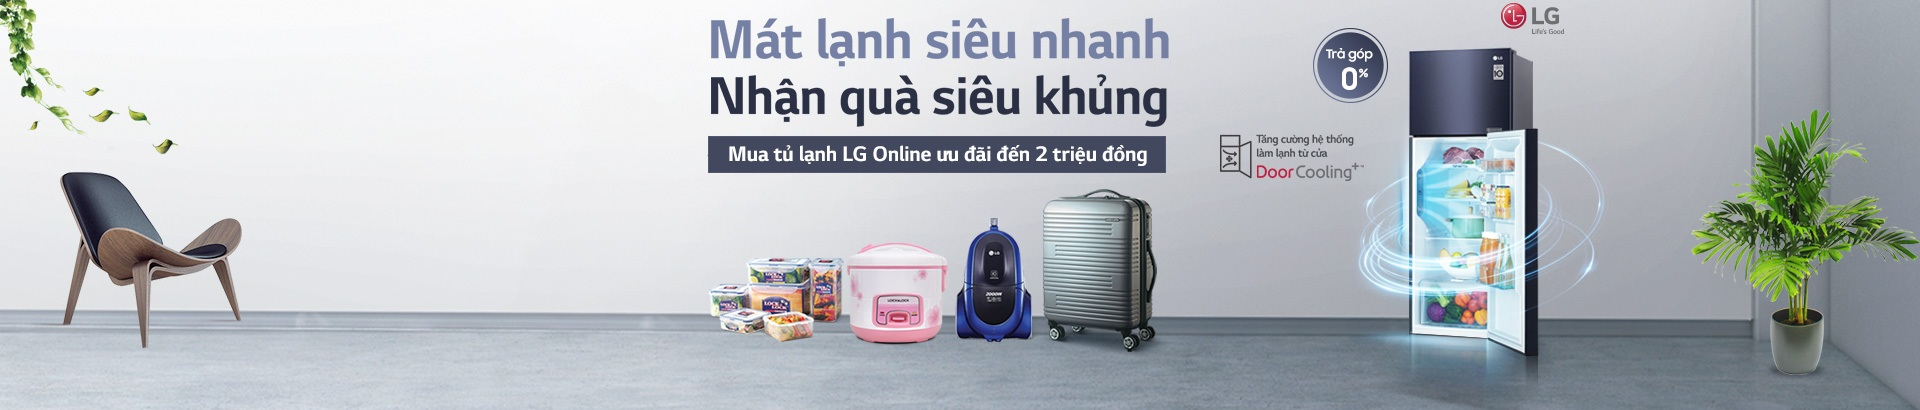 Mua Tủ lạnh LG - Nhận quà siêu khủng